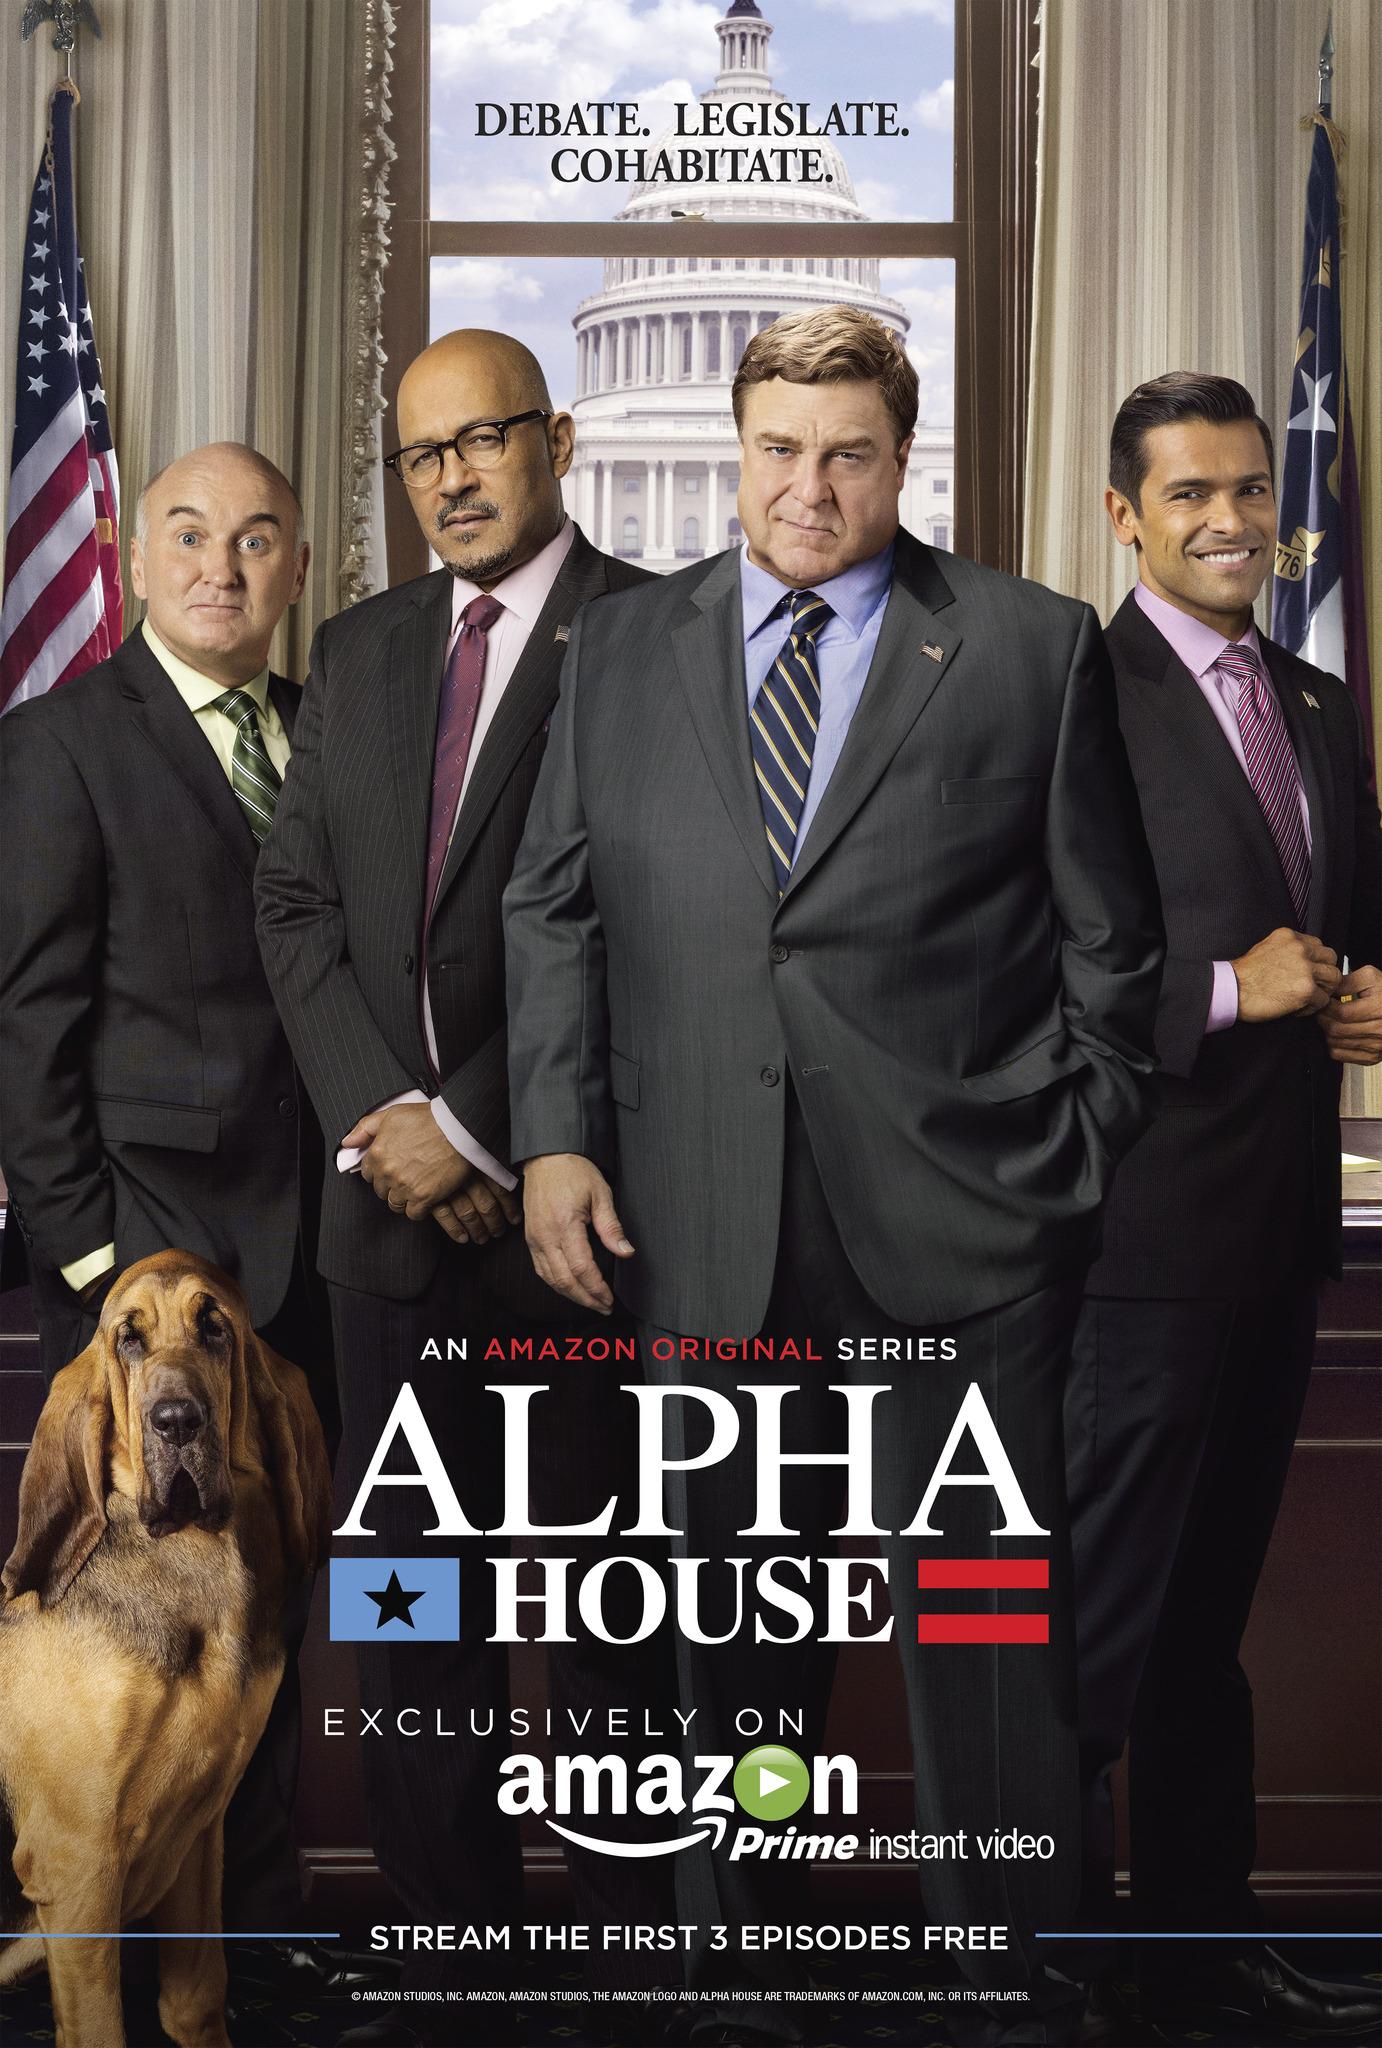 High Resolution Wallpaper | Alpha House 1382x2048 px